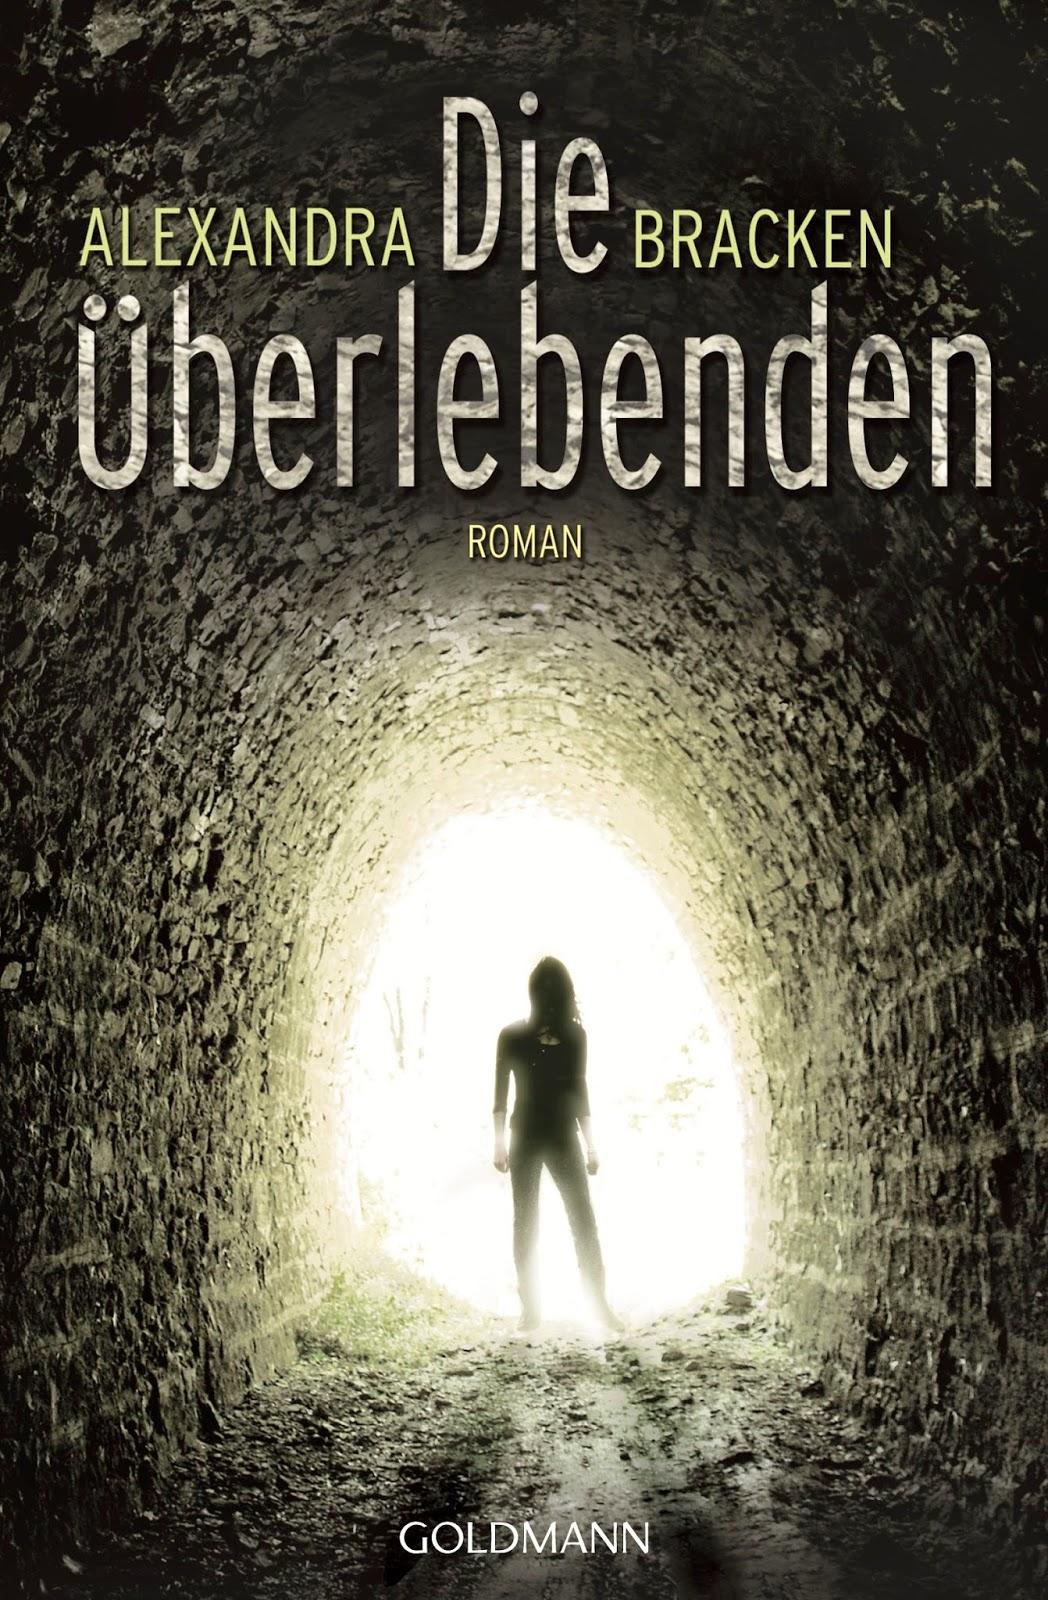 http://dasbuchgelaber.blogspot.de/2014/07/rezension-die-uberlebenden-von.html